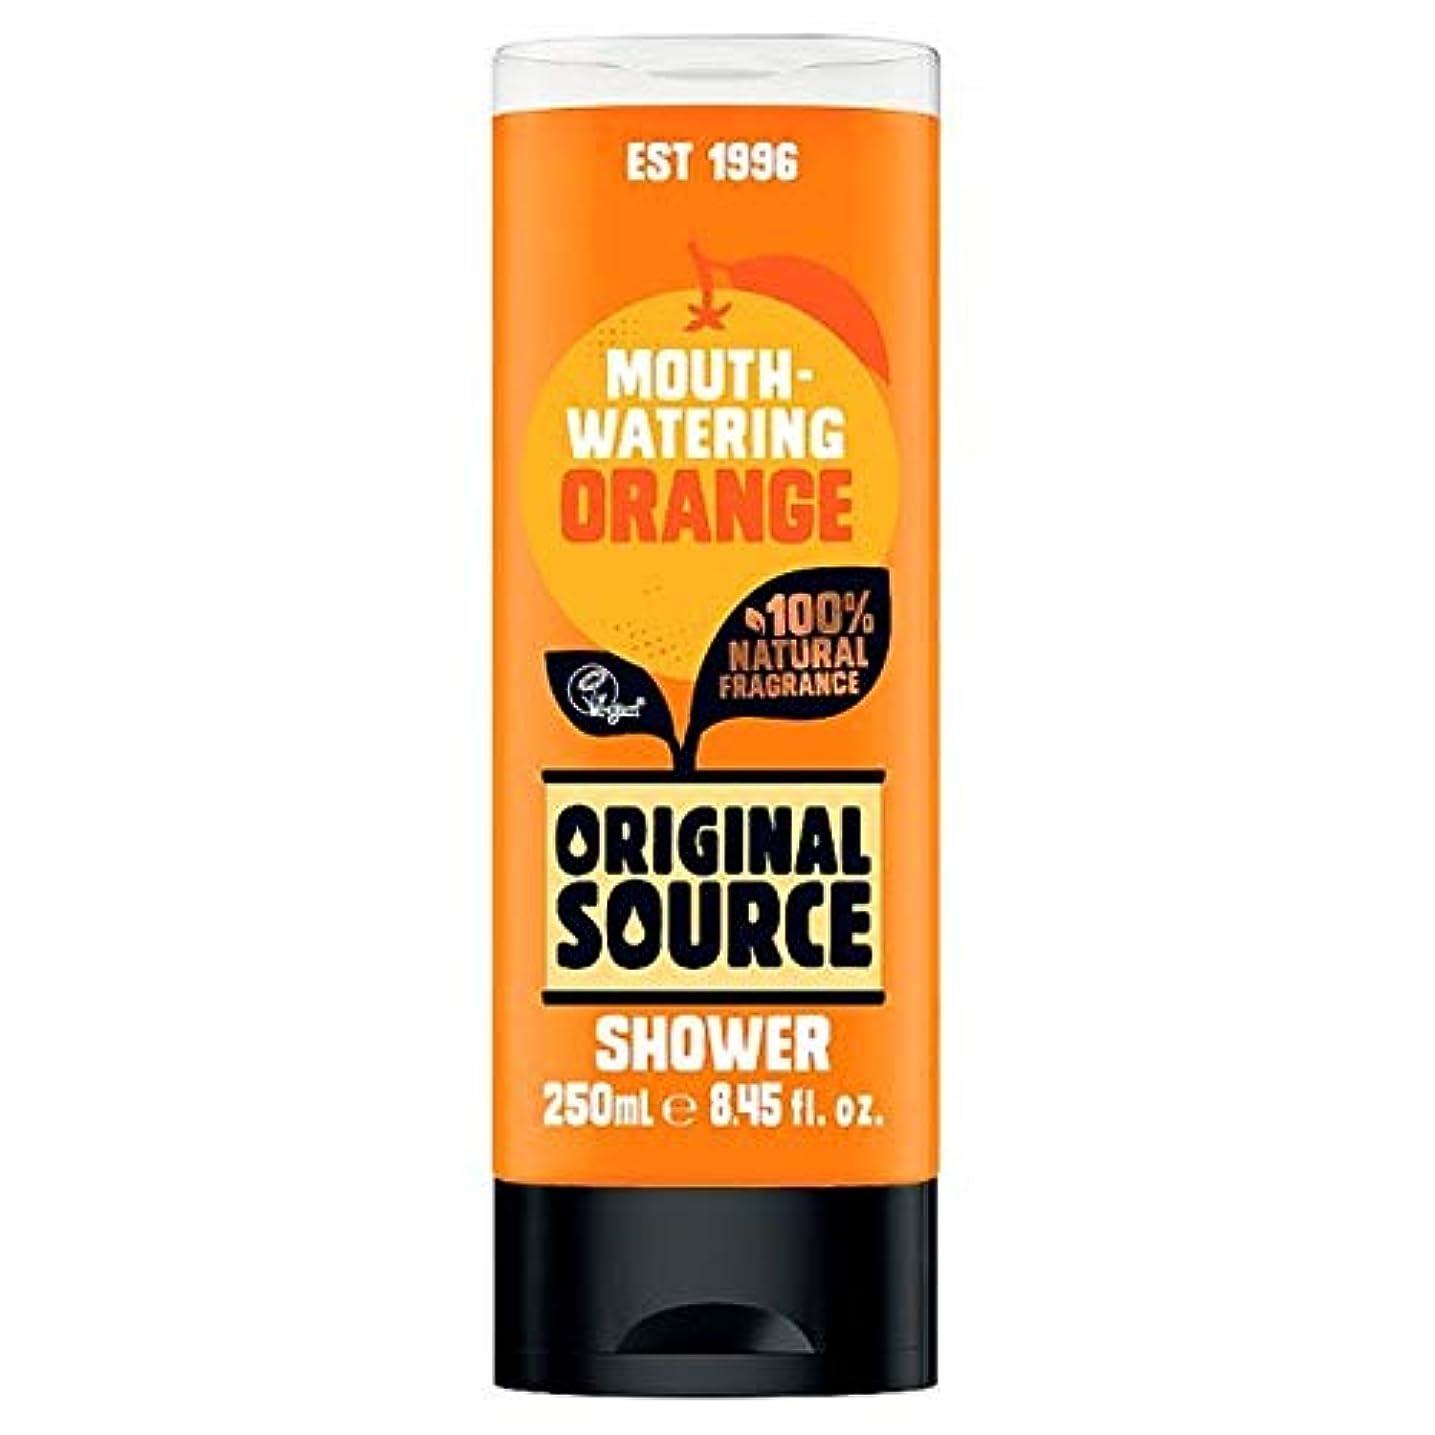 遺伝子韻品種[Original Source ] 元のソースオレンジシャワージェル250ミリリットル - Original Source Orange Shower Gel 250Ml [並行輸入品]